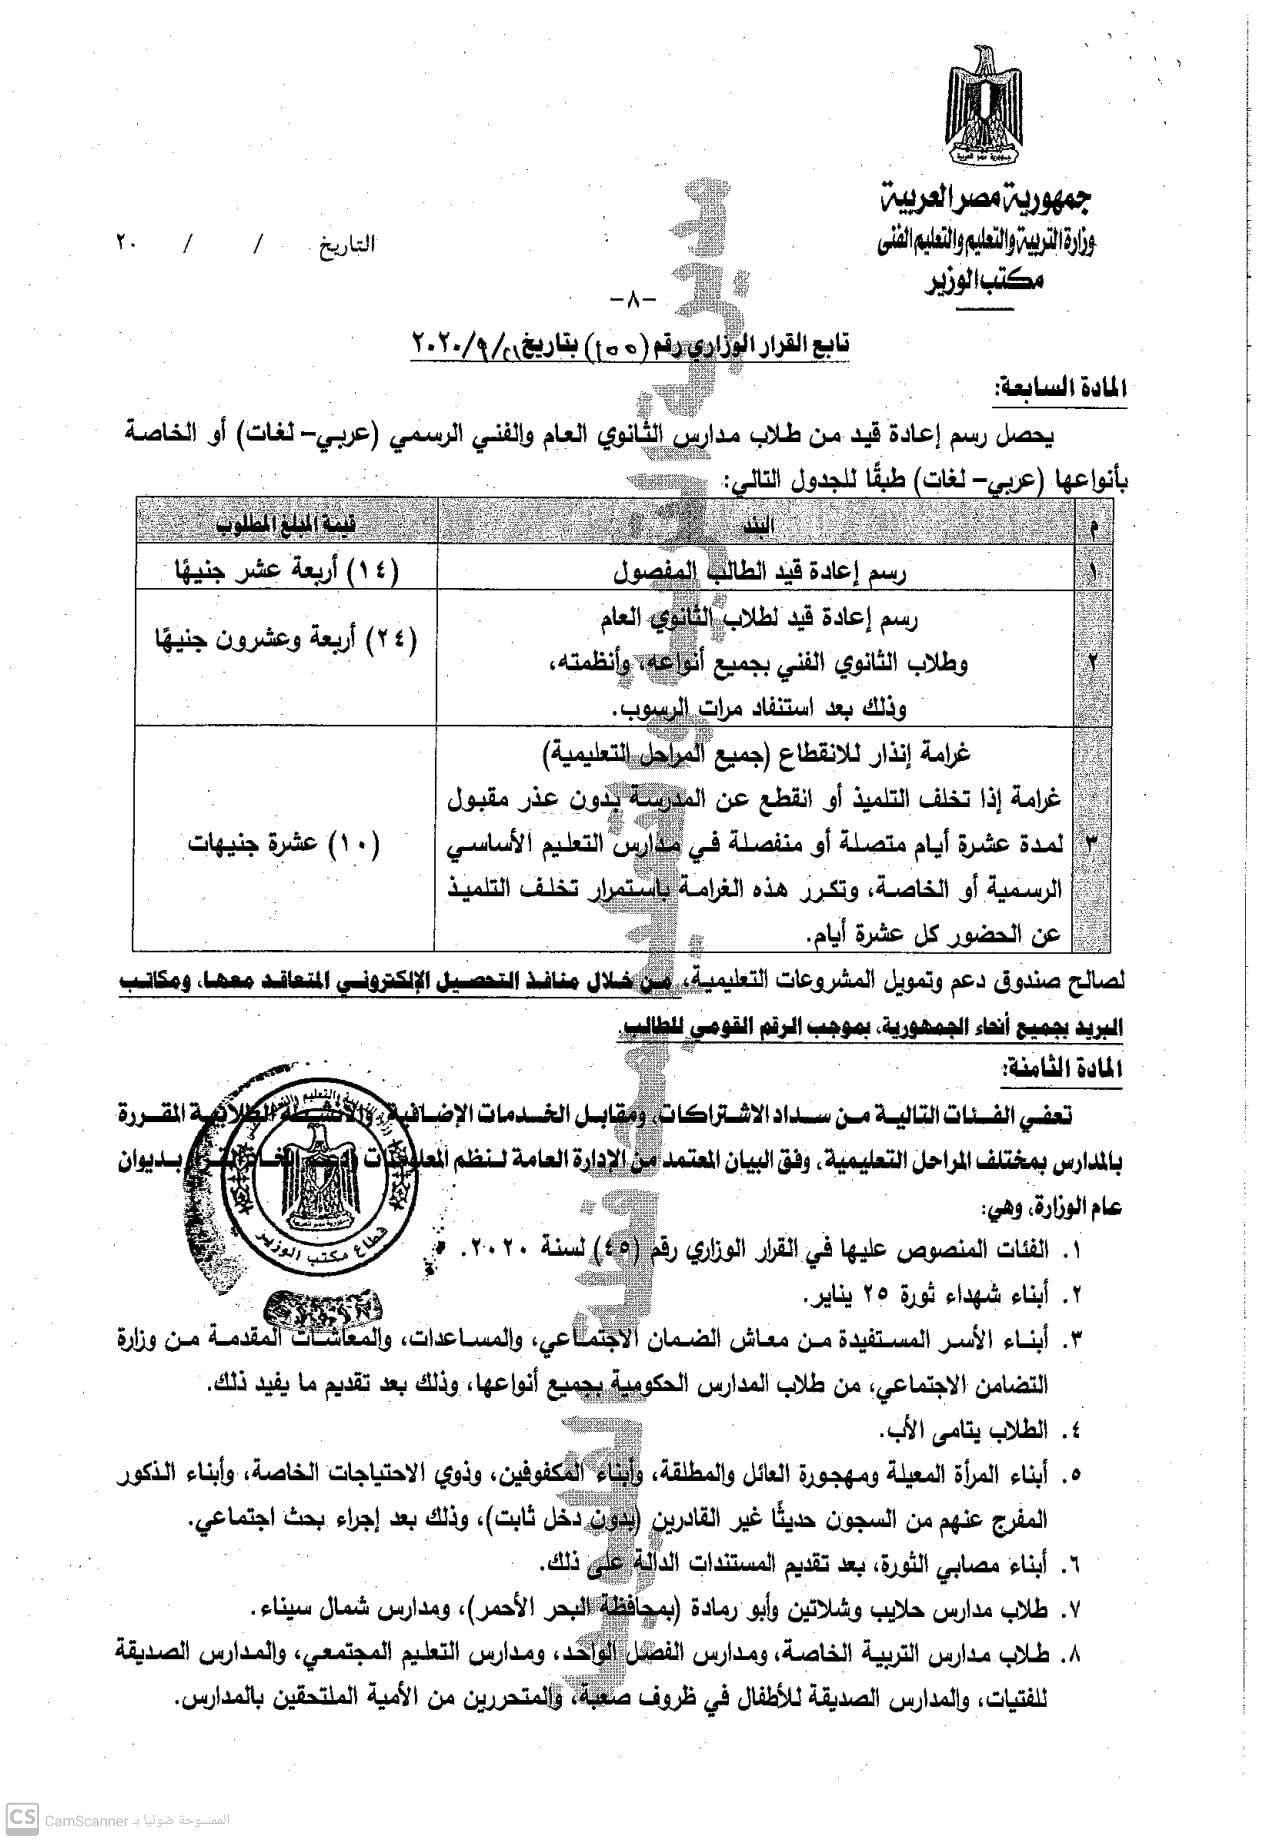 """رسميا.. المصروفات الدراسية للعام ٢٠٢١/٢٠٢٠.. من ٢٠٠ لـ ٥٠٠ جنية """"مستند"""" 8"""